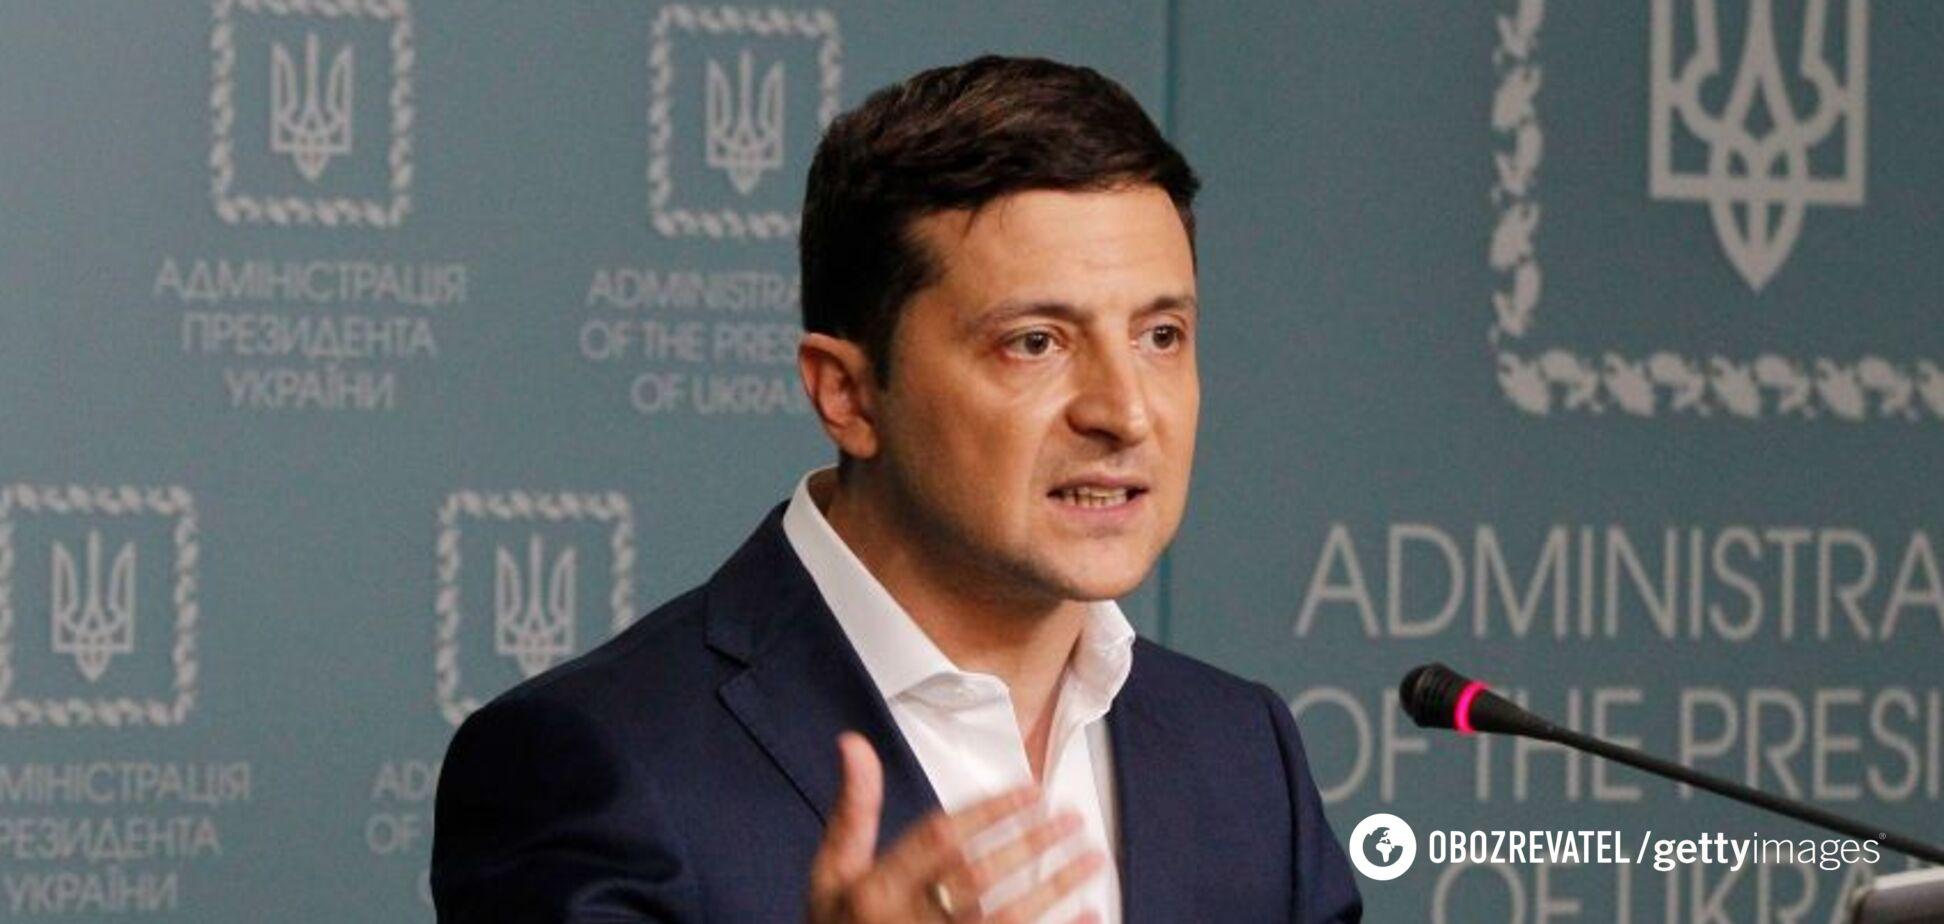 'Даем сутки!' Зеленскому выдвинули ультиматум из-за телемоста с Россией